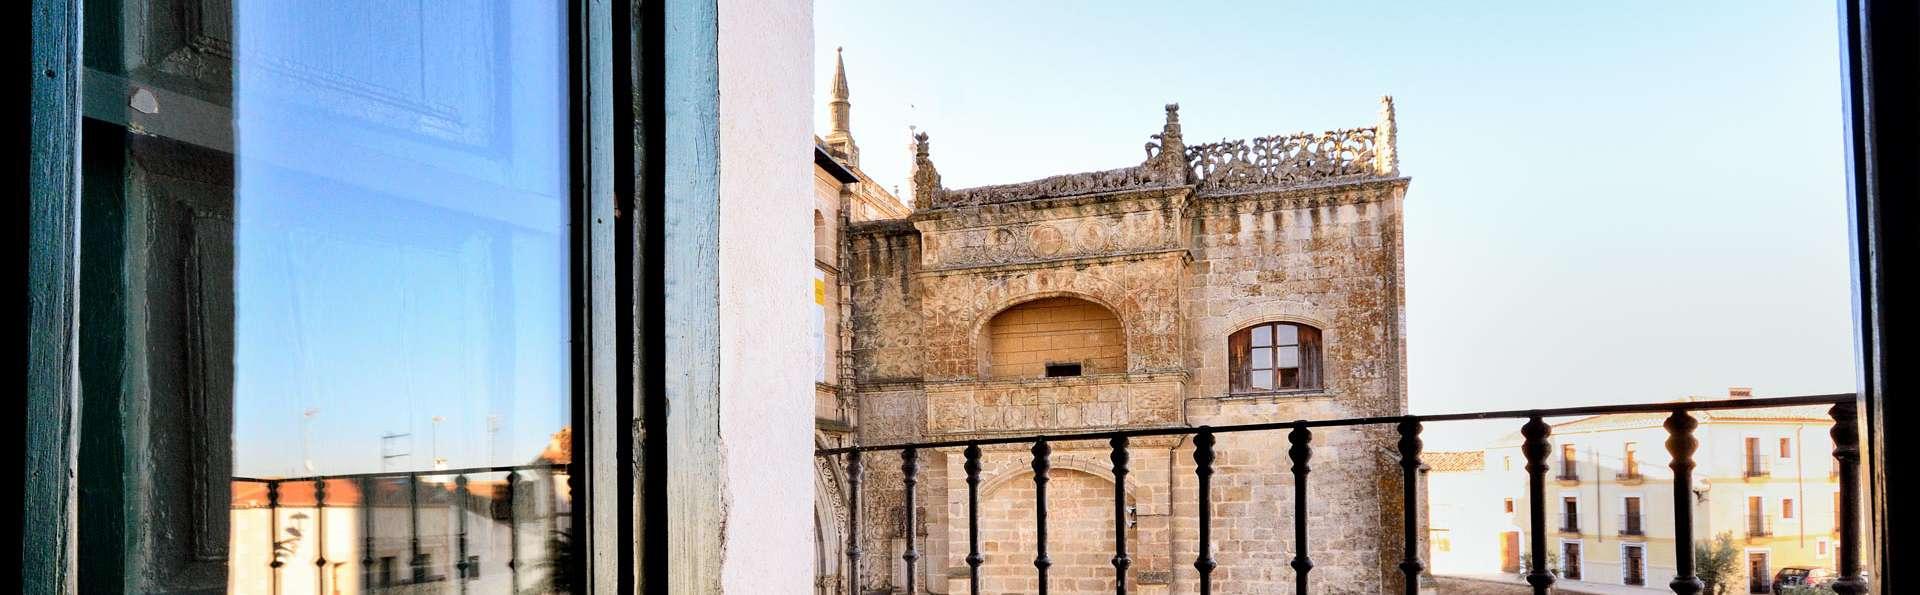 Elegancia y romanticismo en un reformado palacio con vistas a la Catedral de Coria